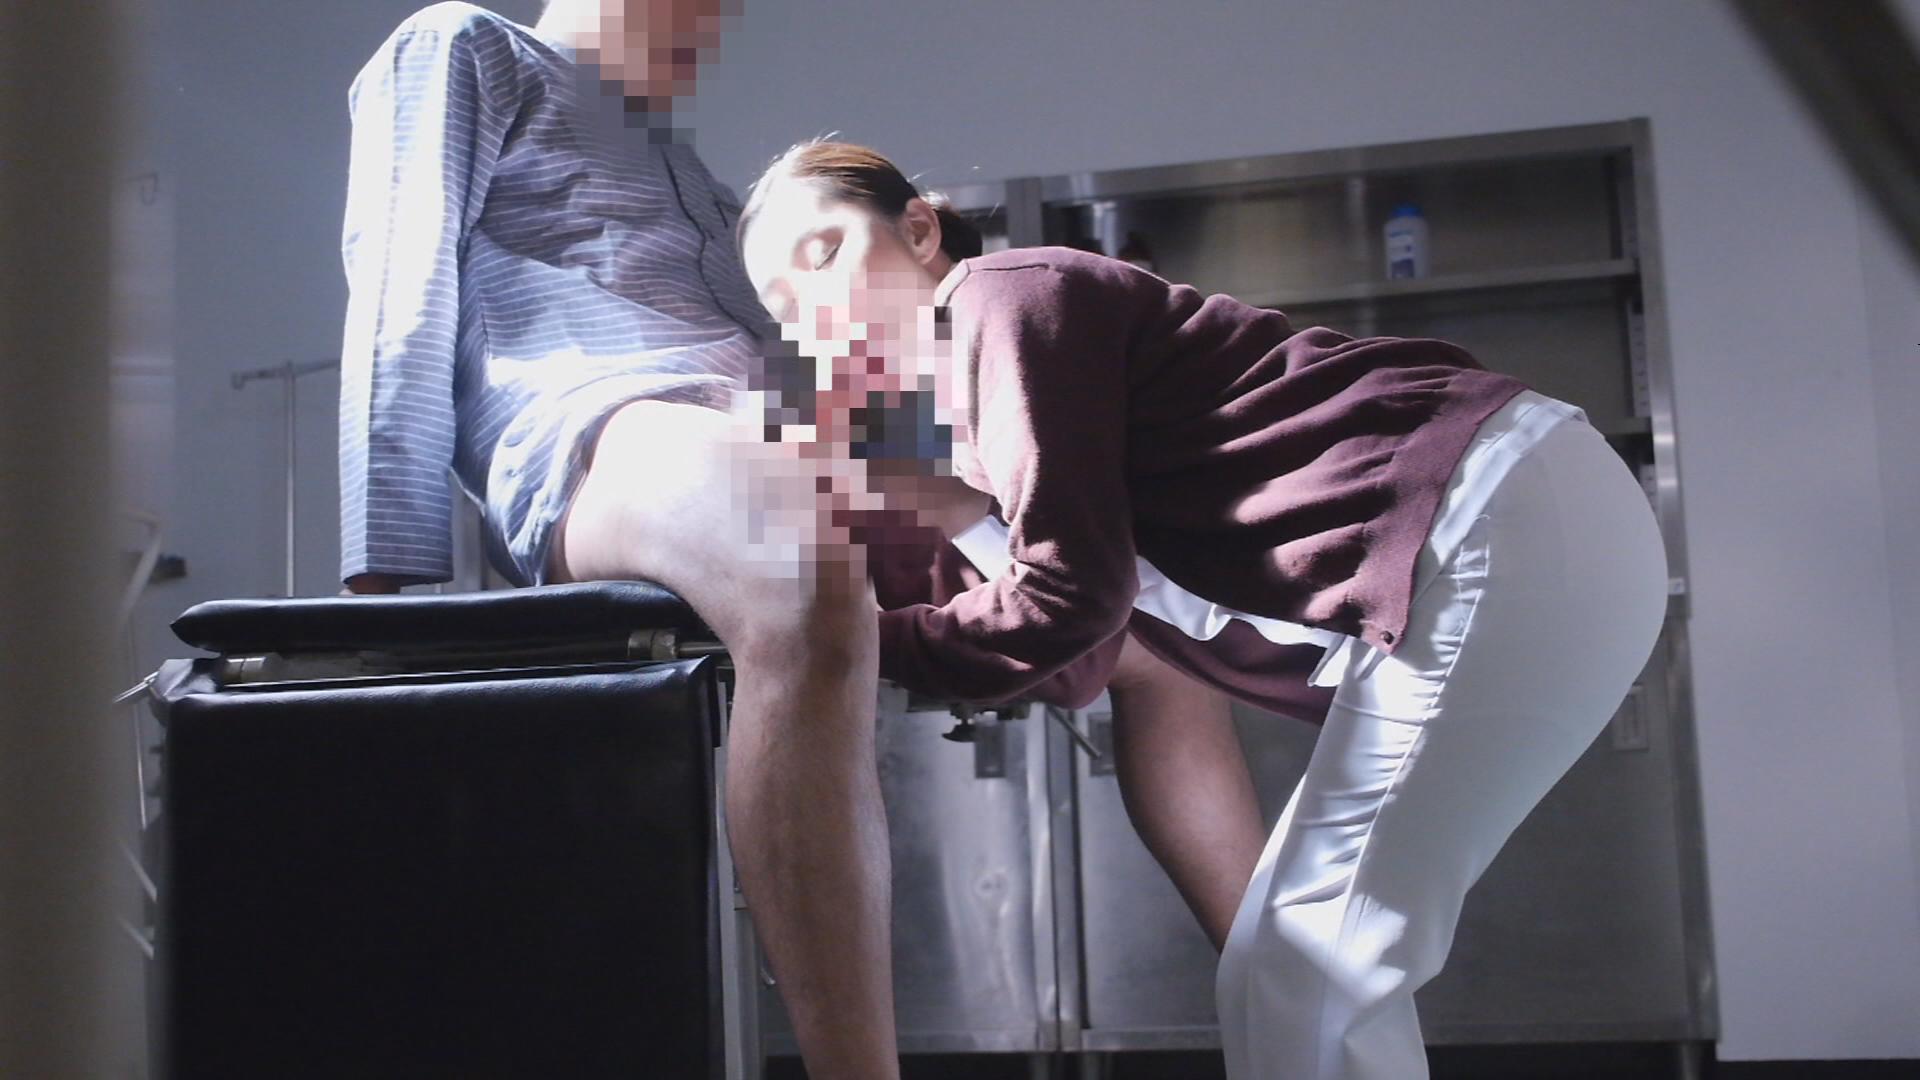 夜勤中の人妻看護師覗き 痴女気味な人妻ナースとの超展開!まさかの院内SEX!?3